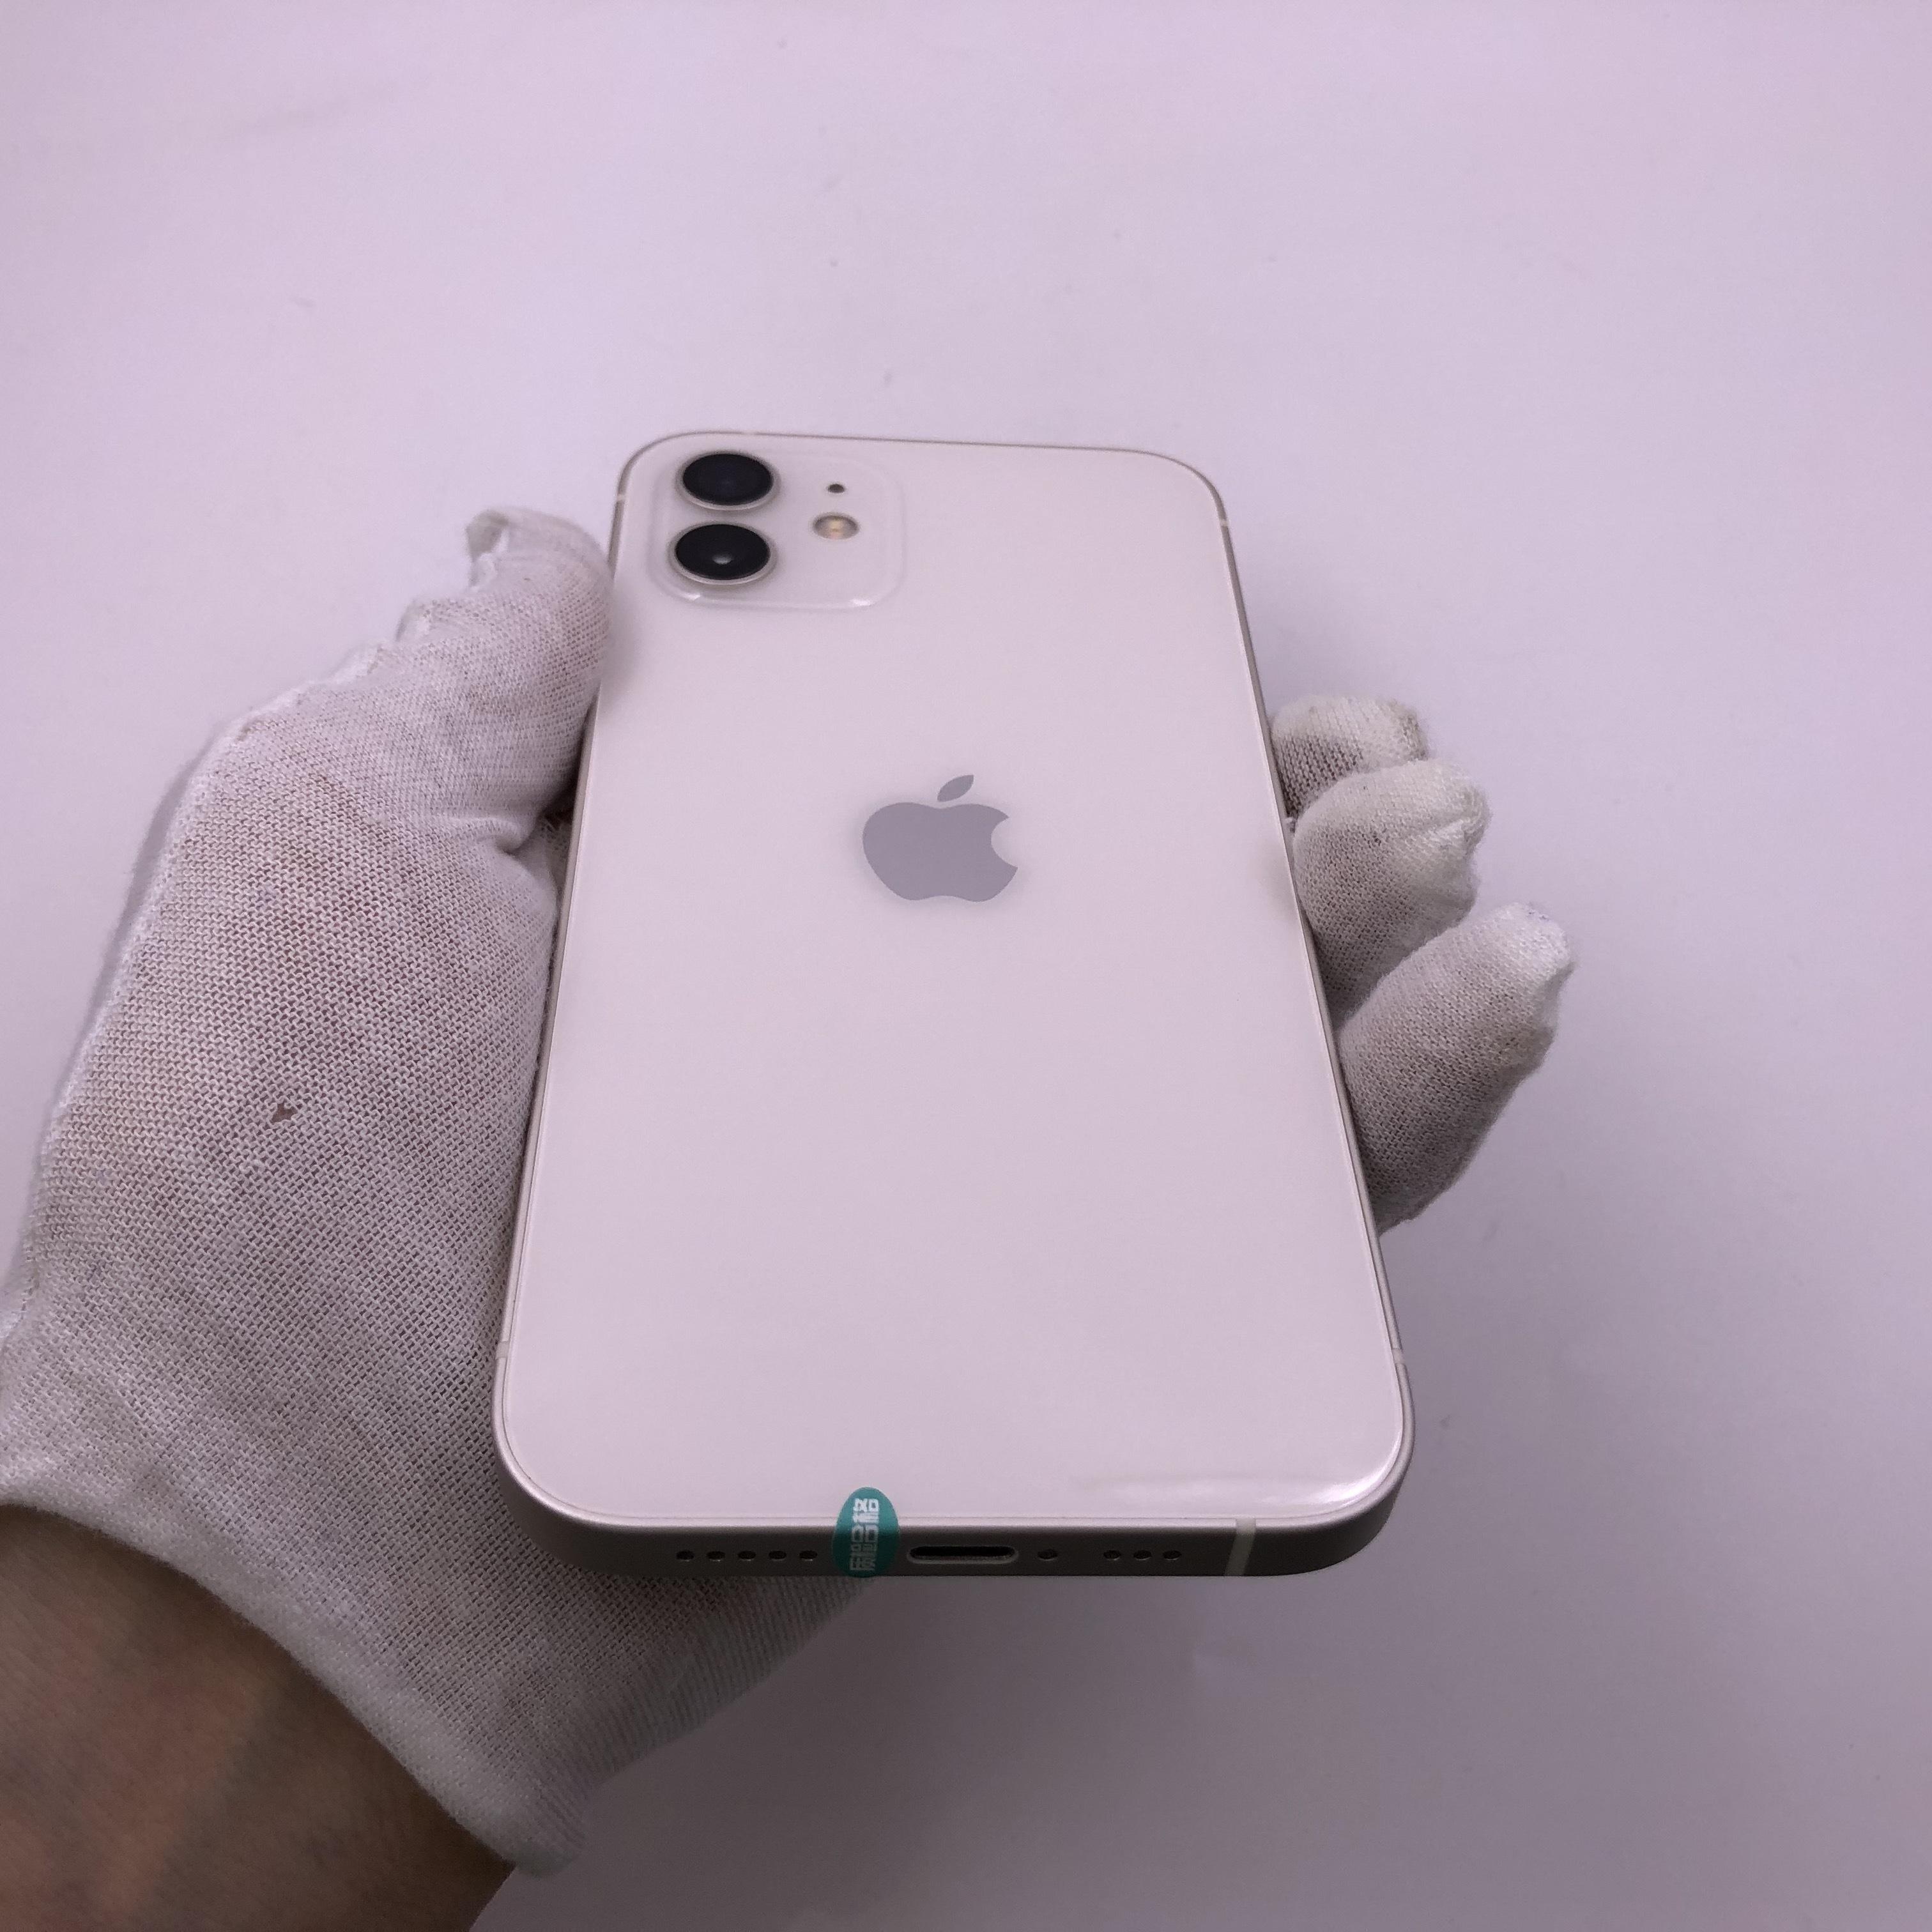 苹果【iPhone 12】5G全网通 白色 64G 95新